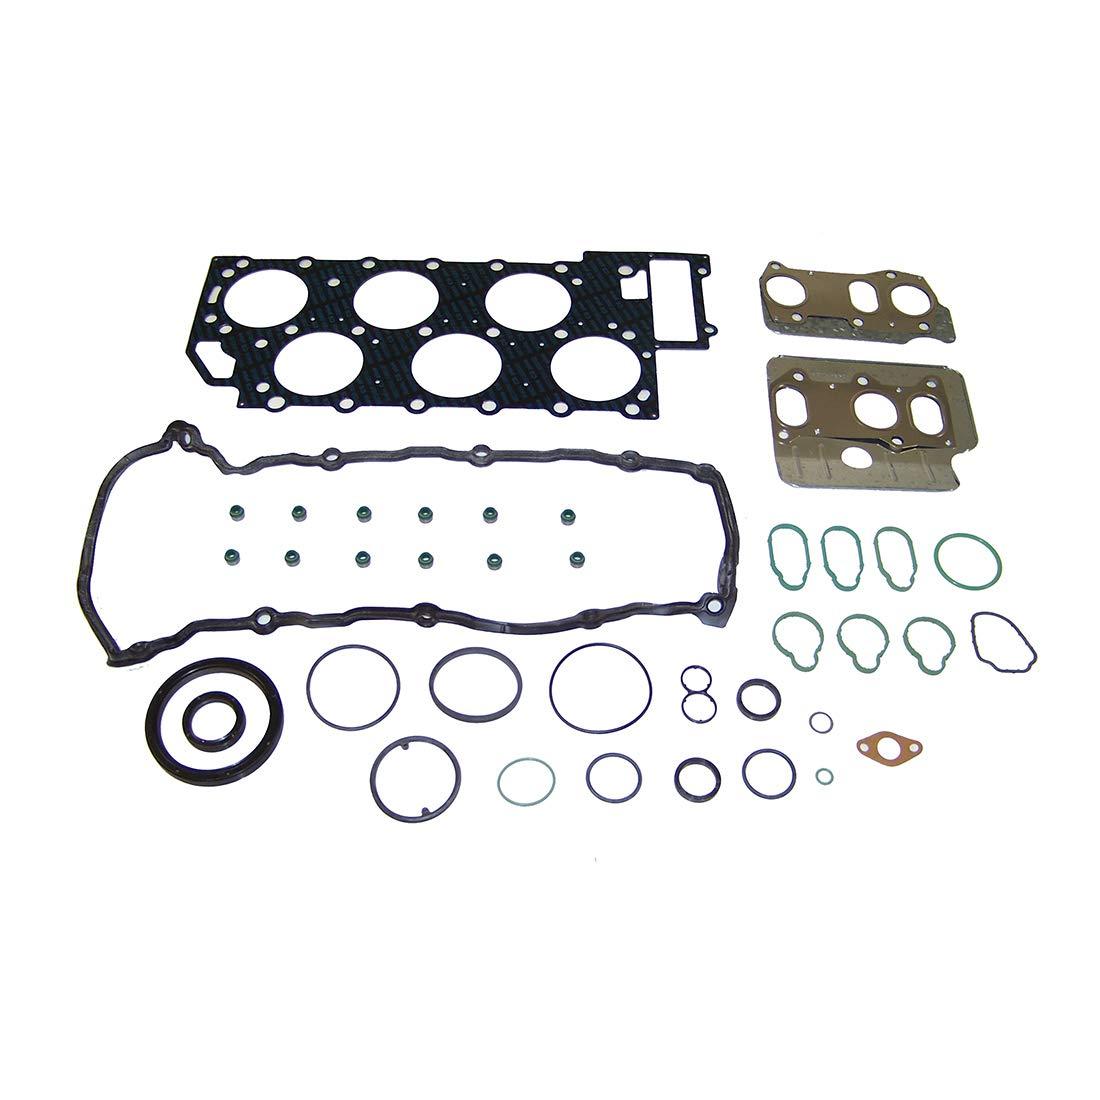 DNJ FGS8019 Full Gasket Sealing Set for 1999-2002 Volkswagen 2.8L V6 12V SOHC AFP